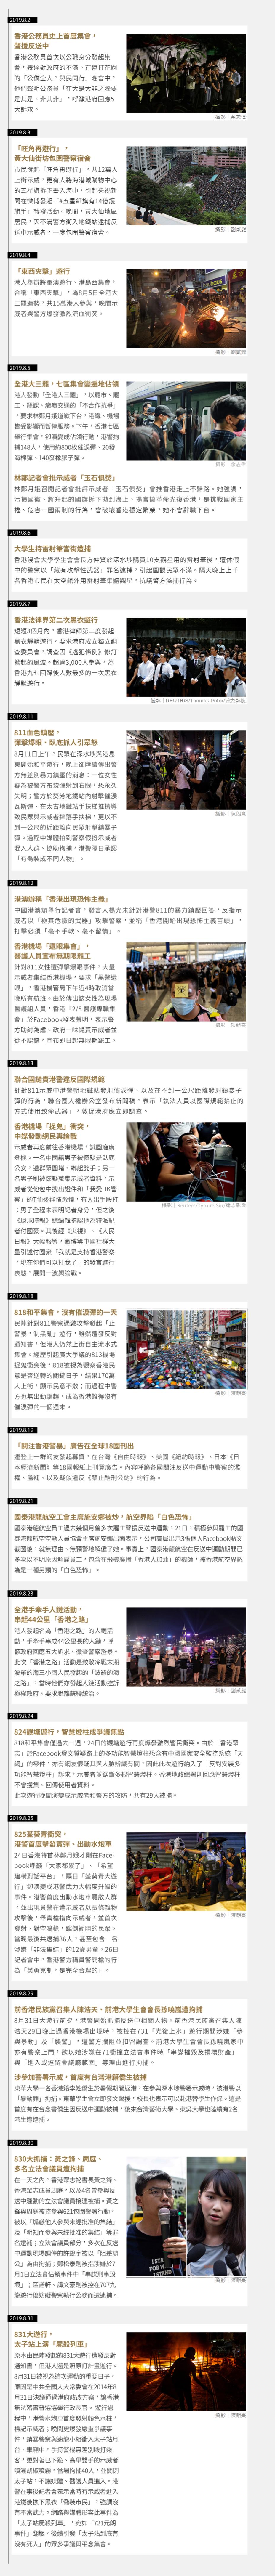 8月:國際輿論戰開打,港警拘捕行動升級